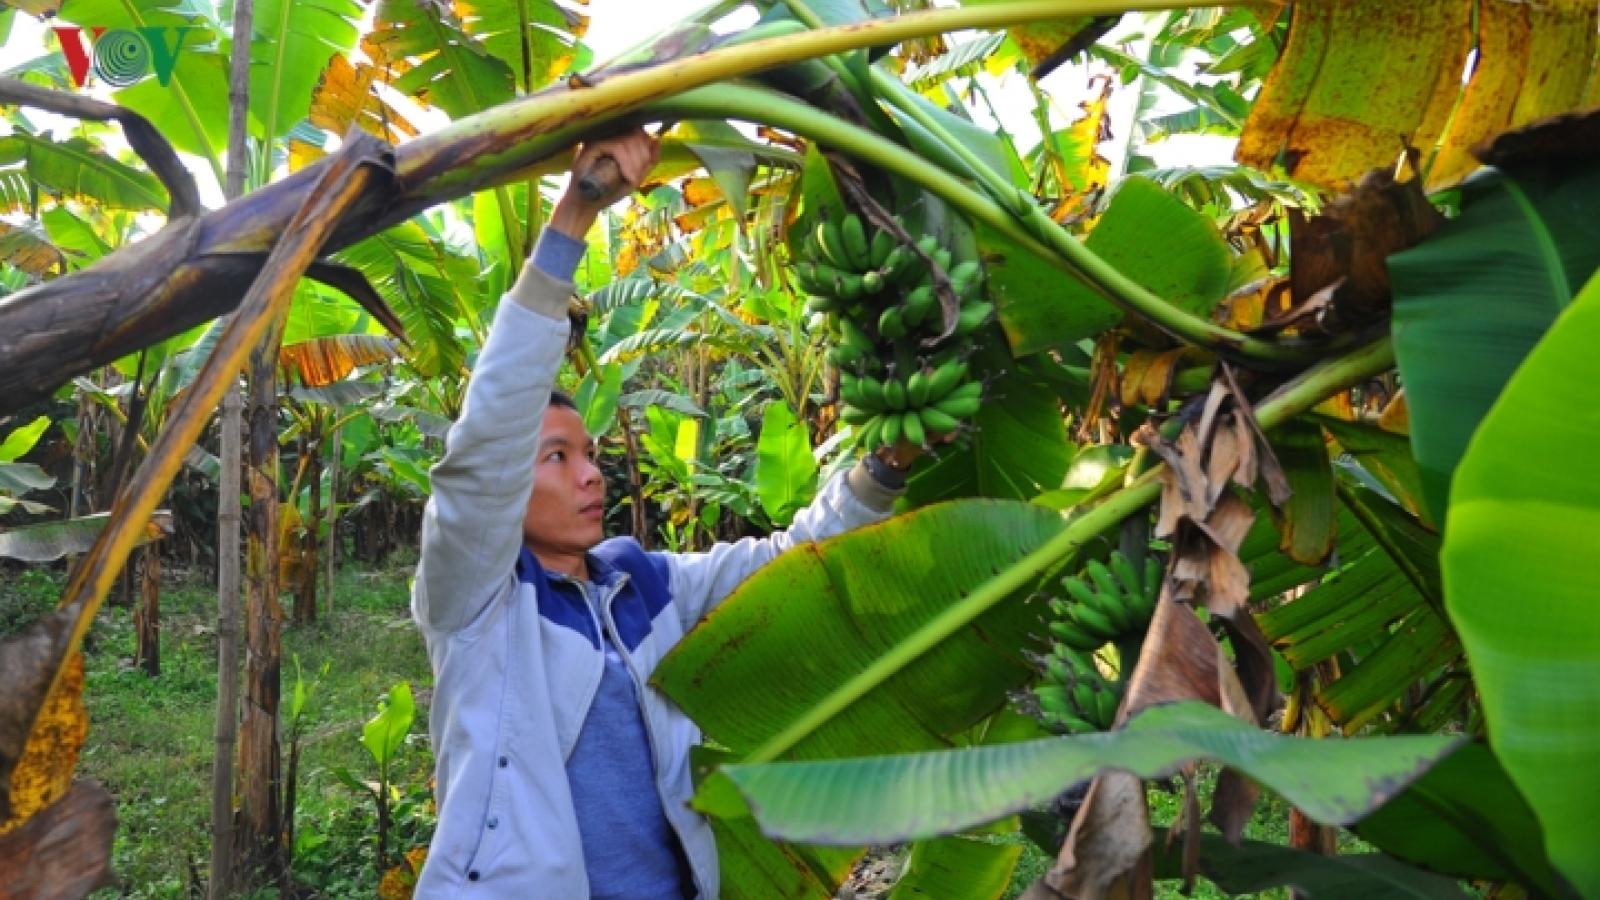 Dai Hoang bananas in high demand ahead of Tet